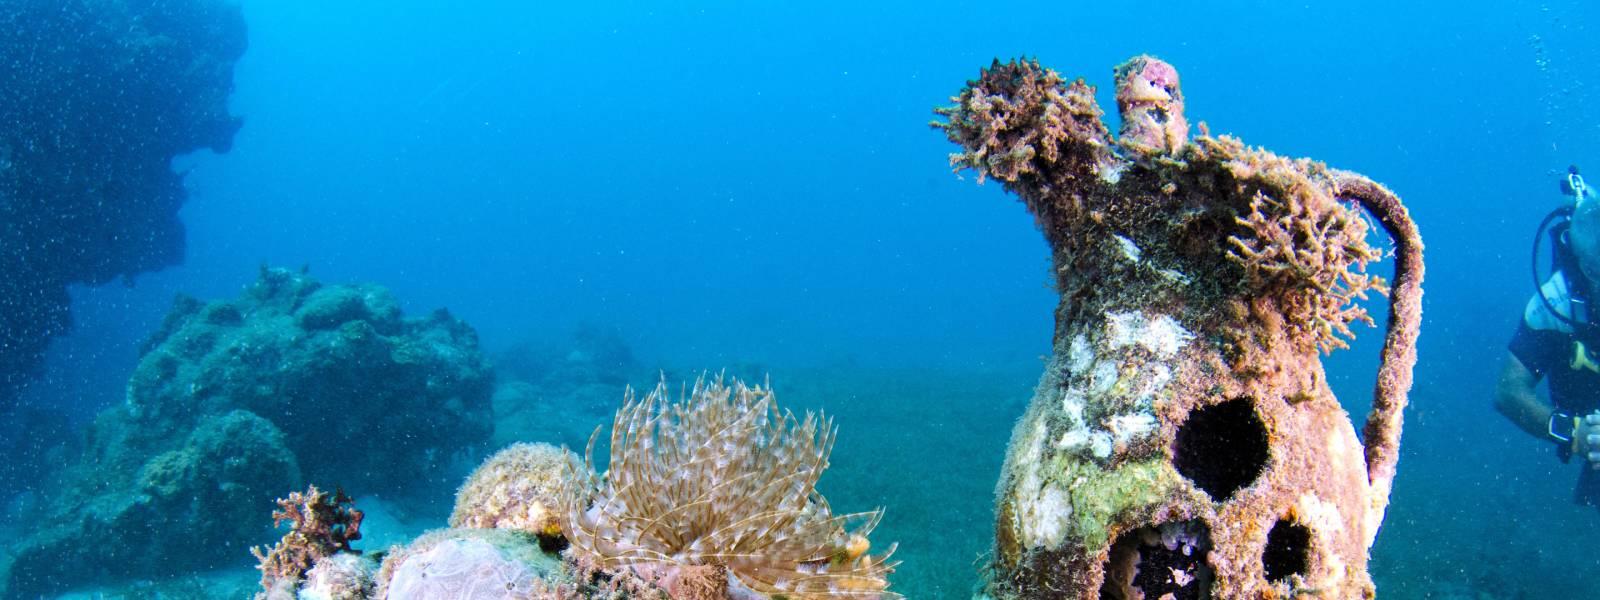 underwater sculptures grenada tourism authority